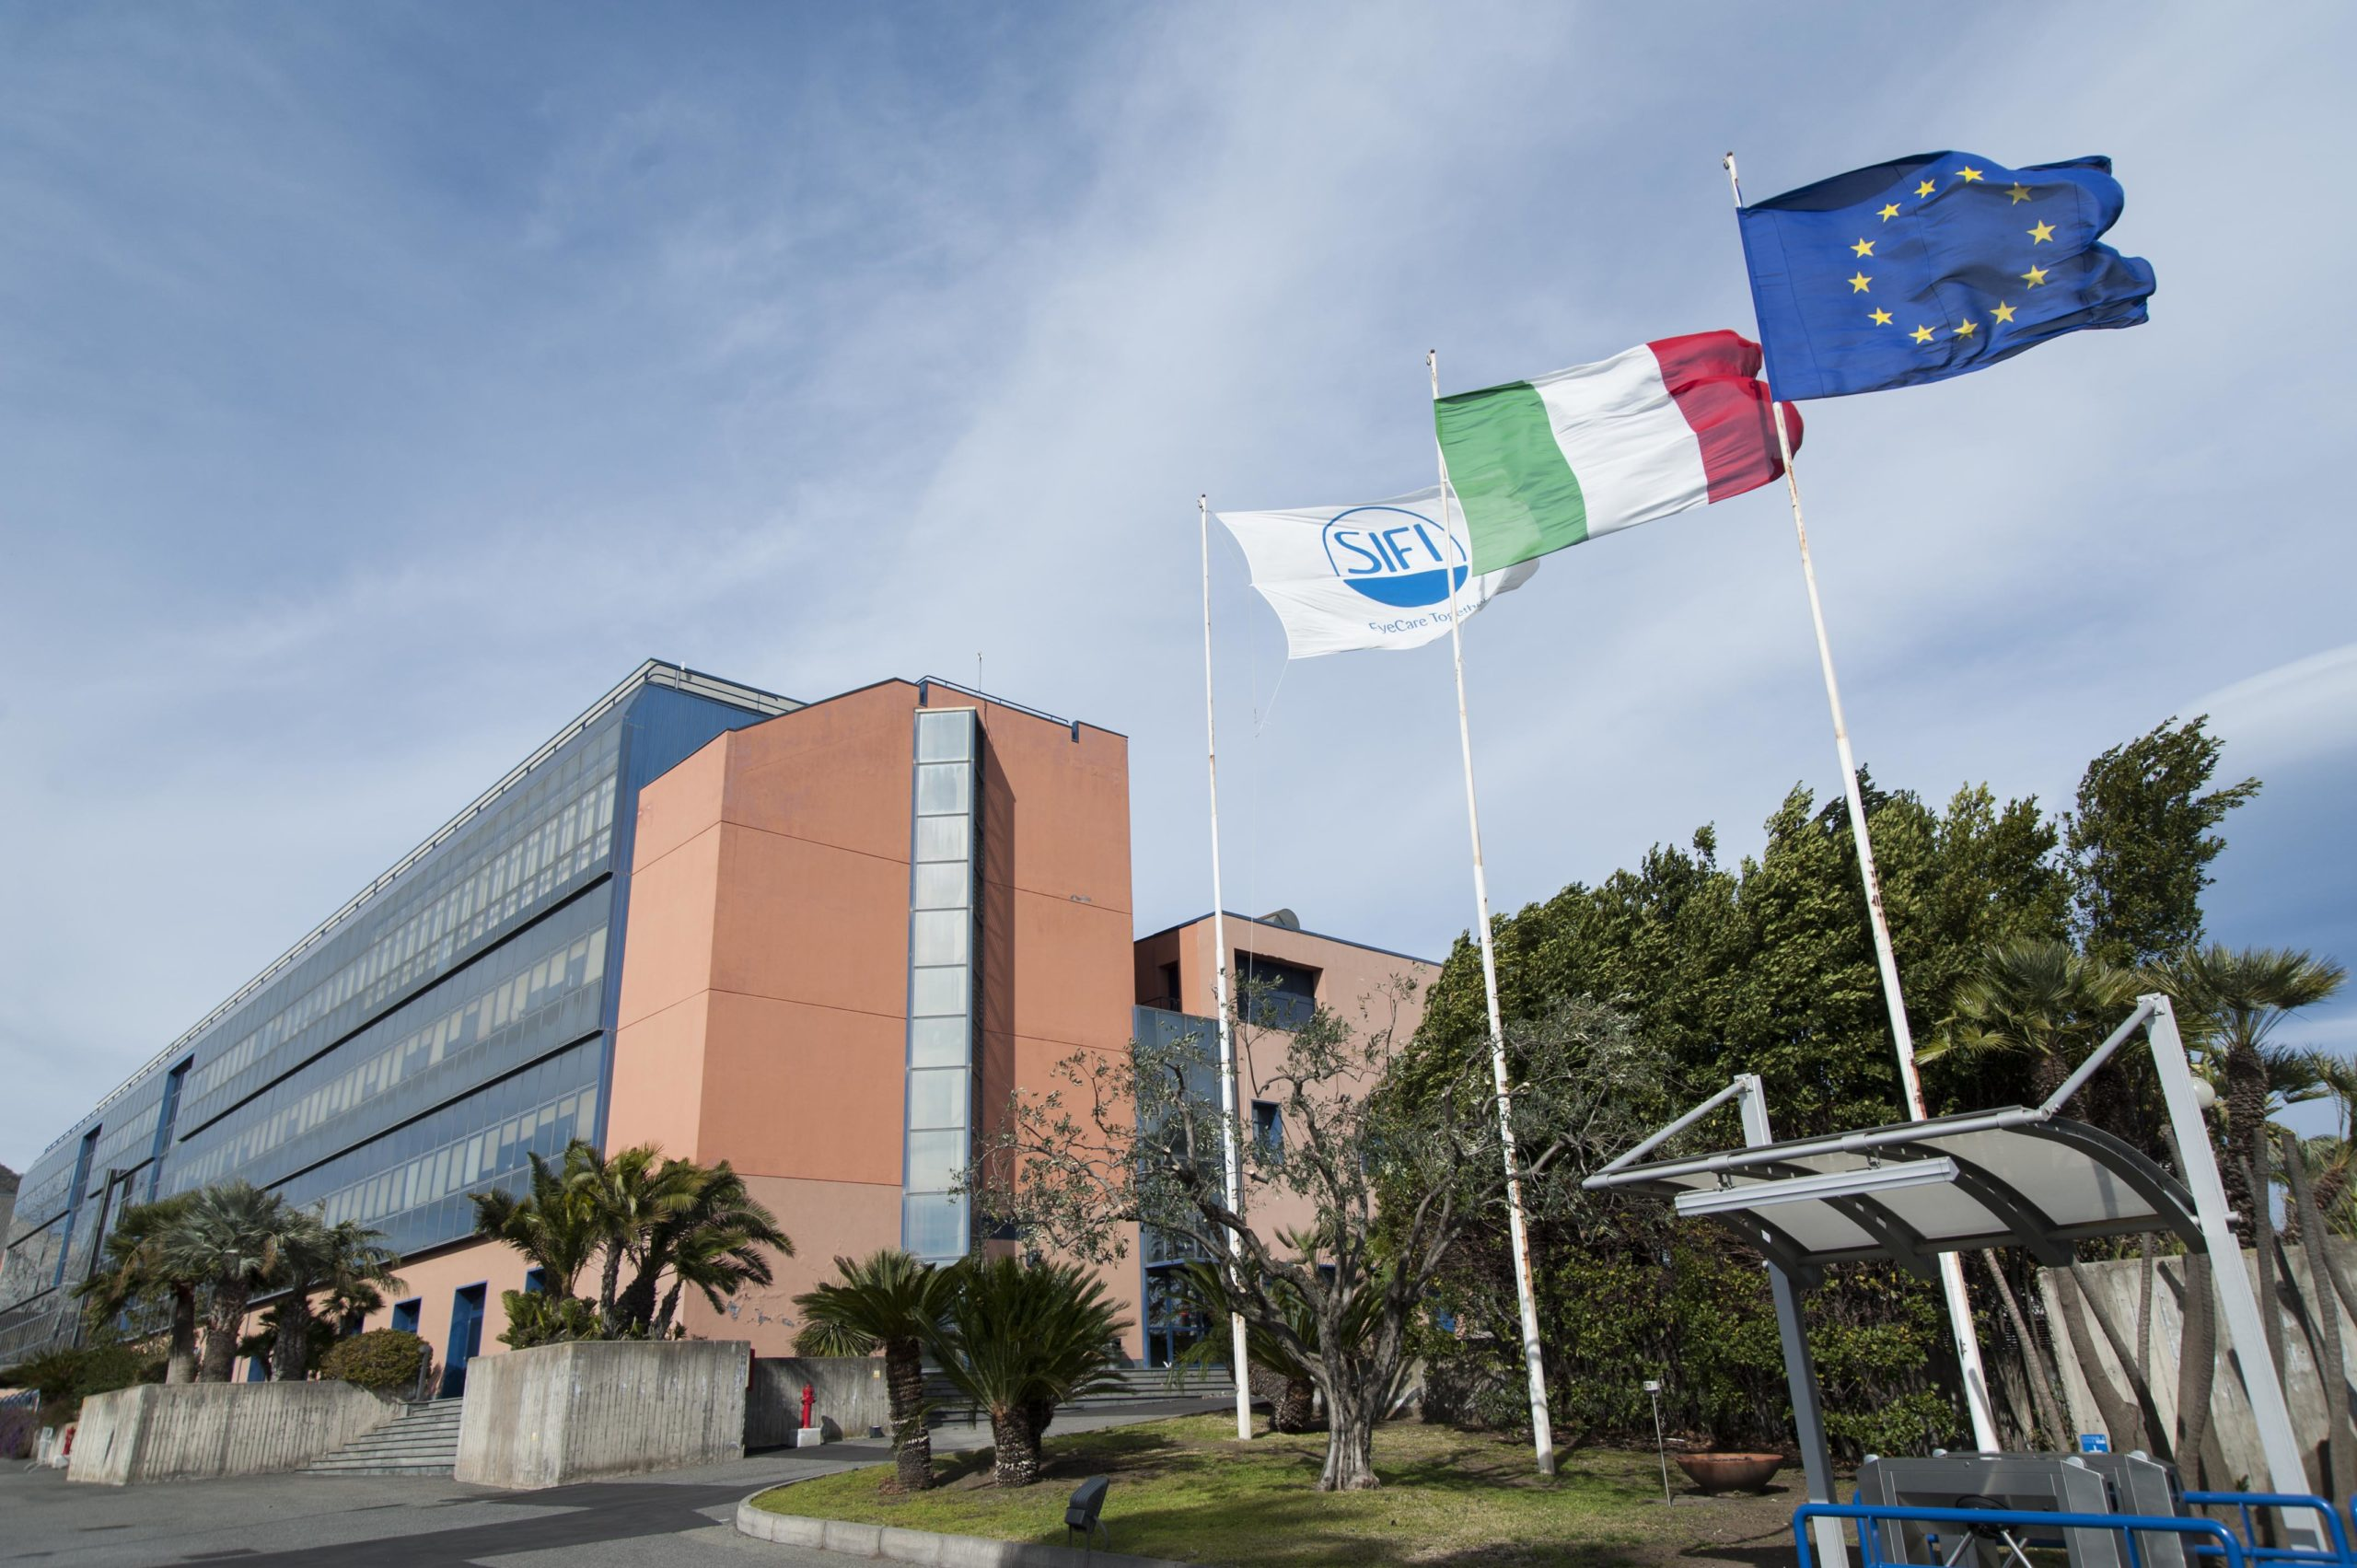 Alta formazione e ricerca, siglato accordo tra Unime e SIFI